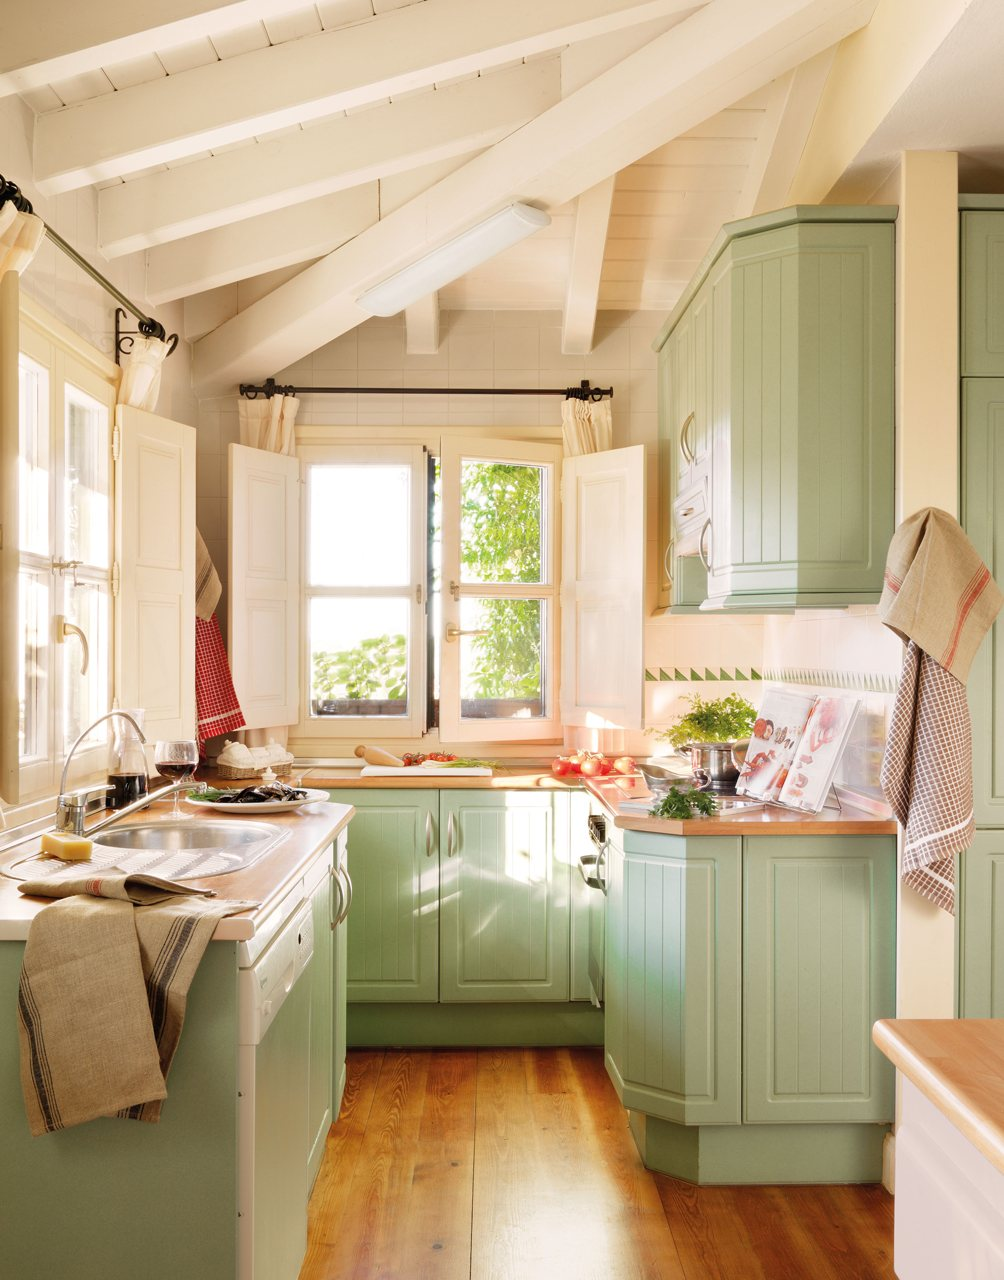 20 fotos de cocinas pequeñas bien aprovechadas cdc67551dd8f